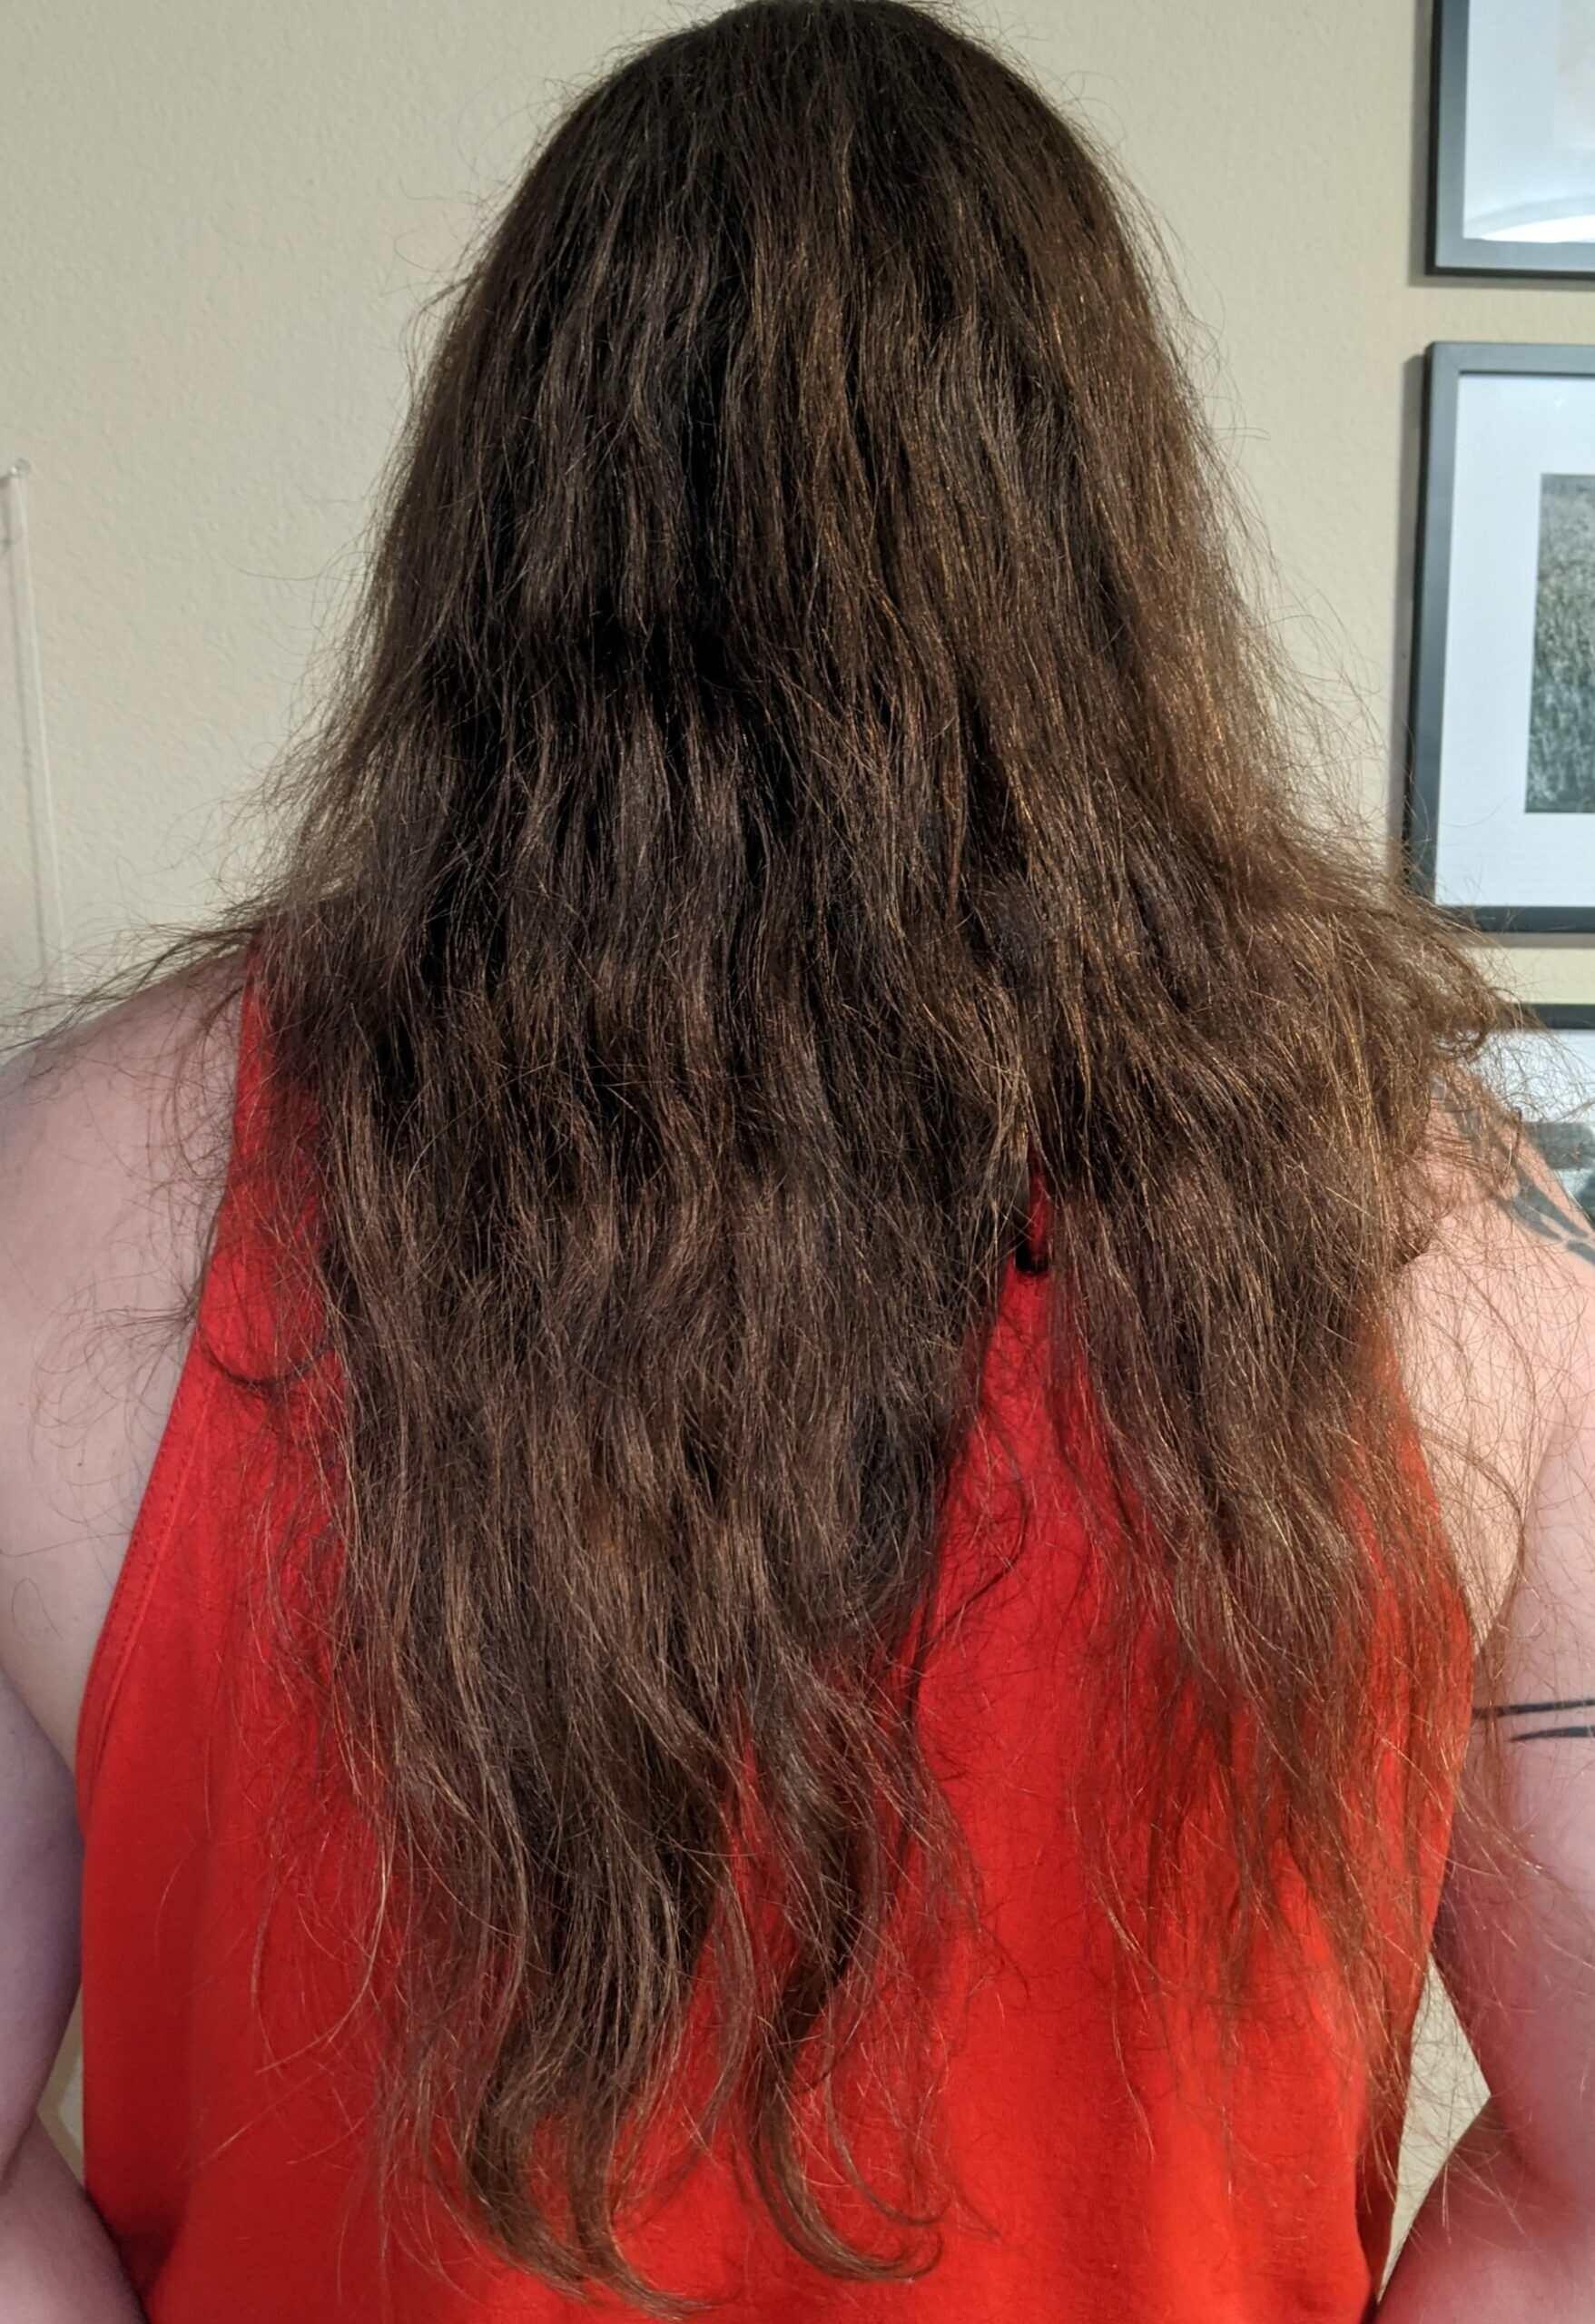 hair_no_ponytail